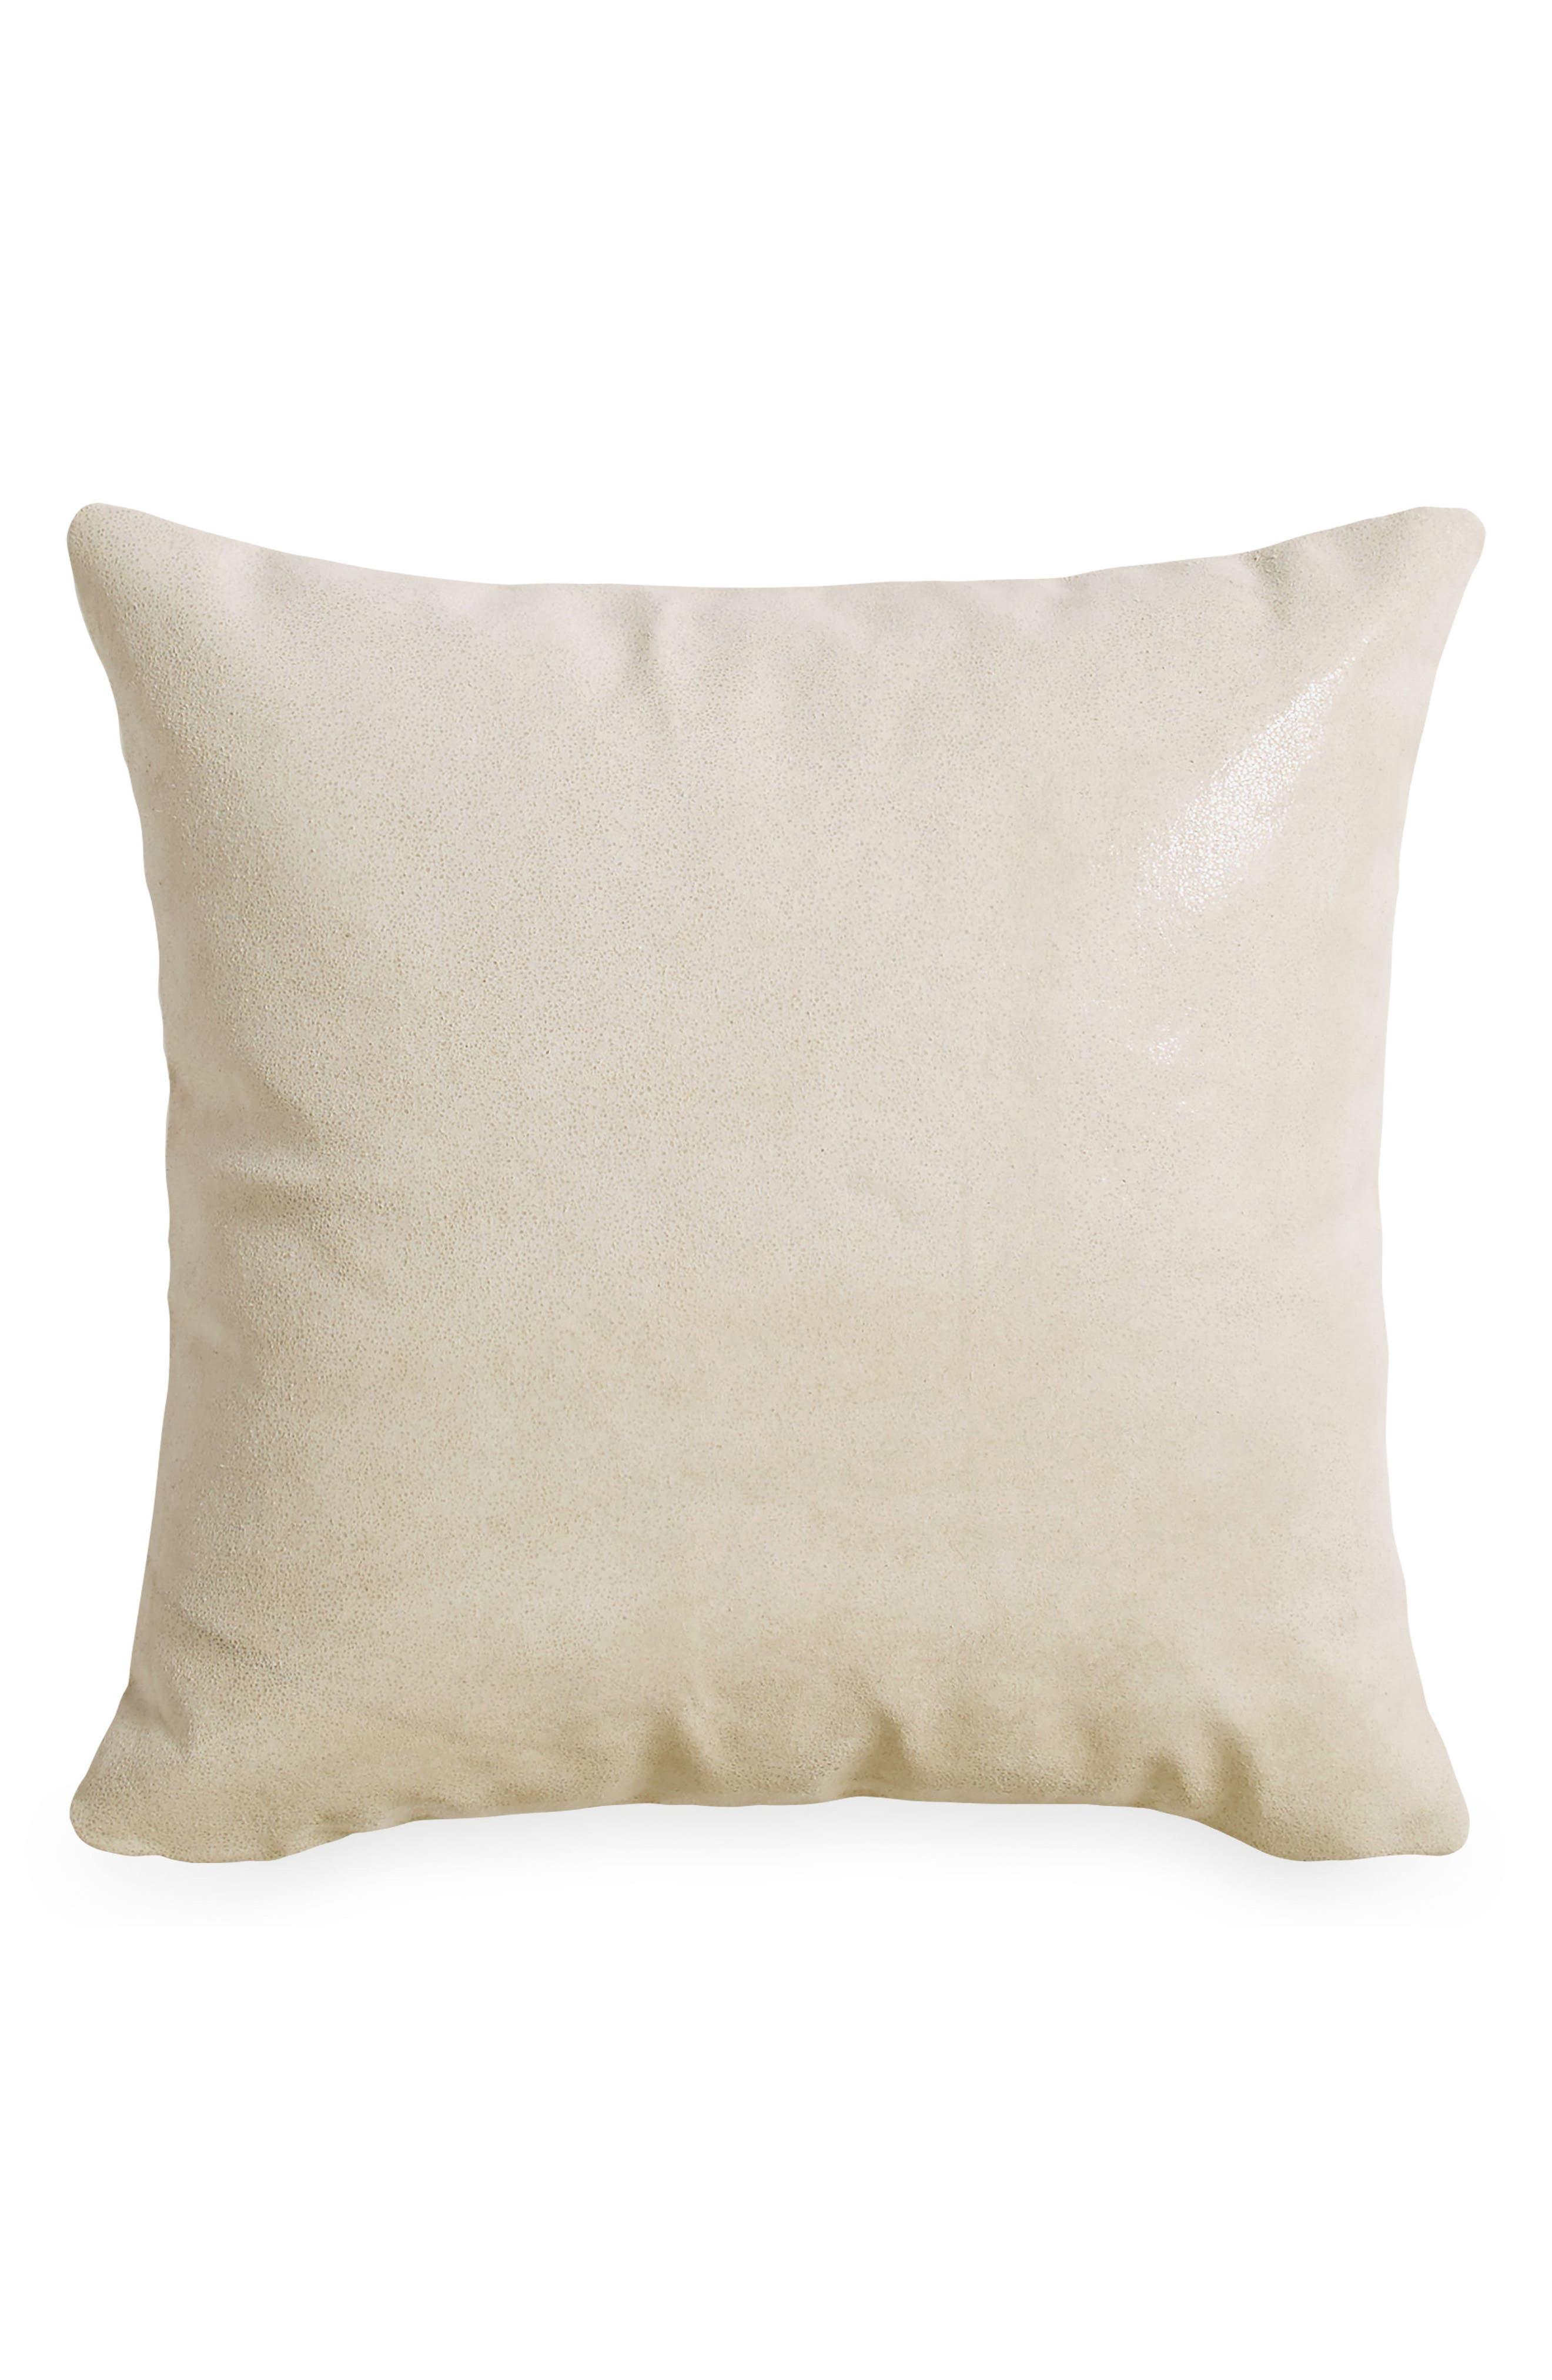 Donna Karan New York Tidal Accent Pillow